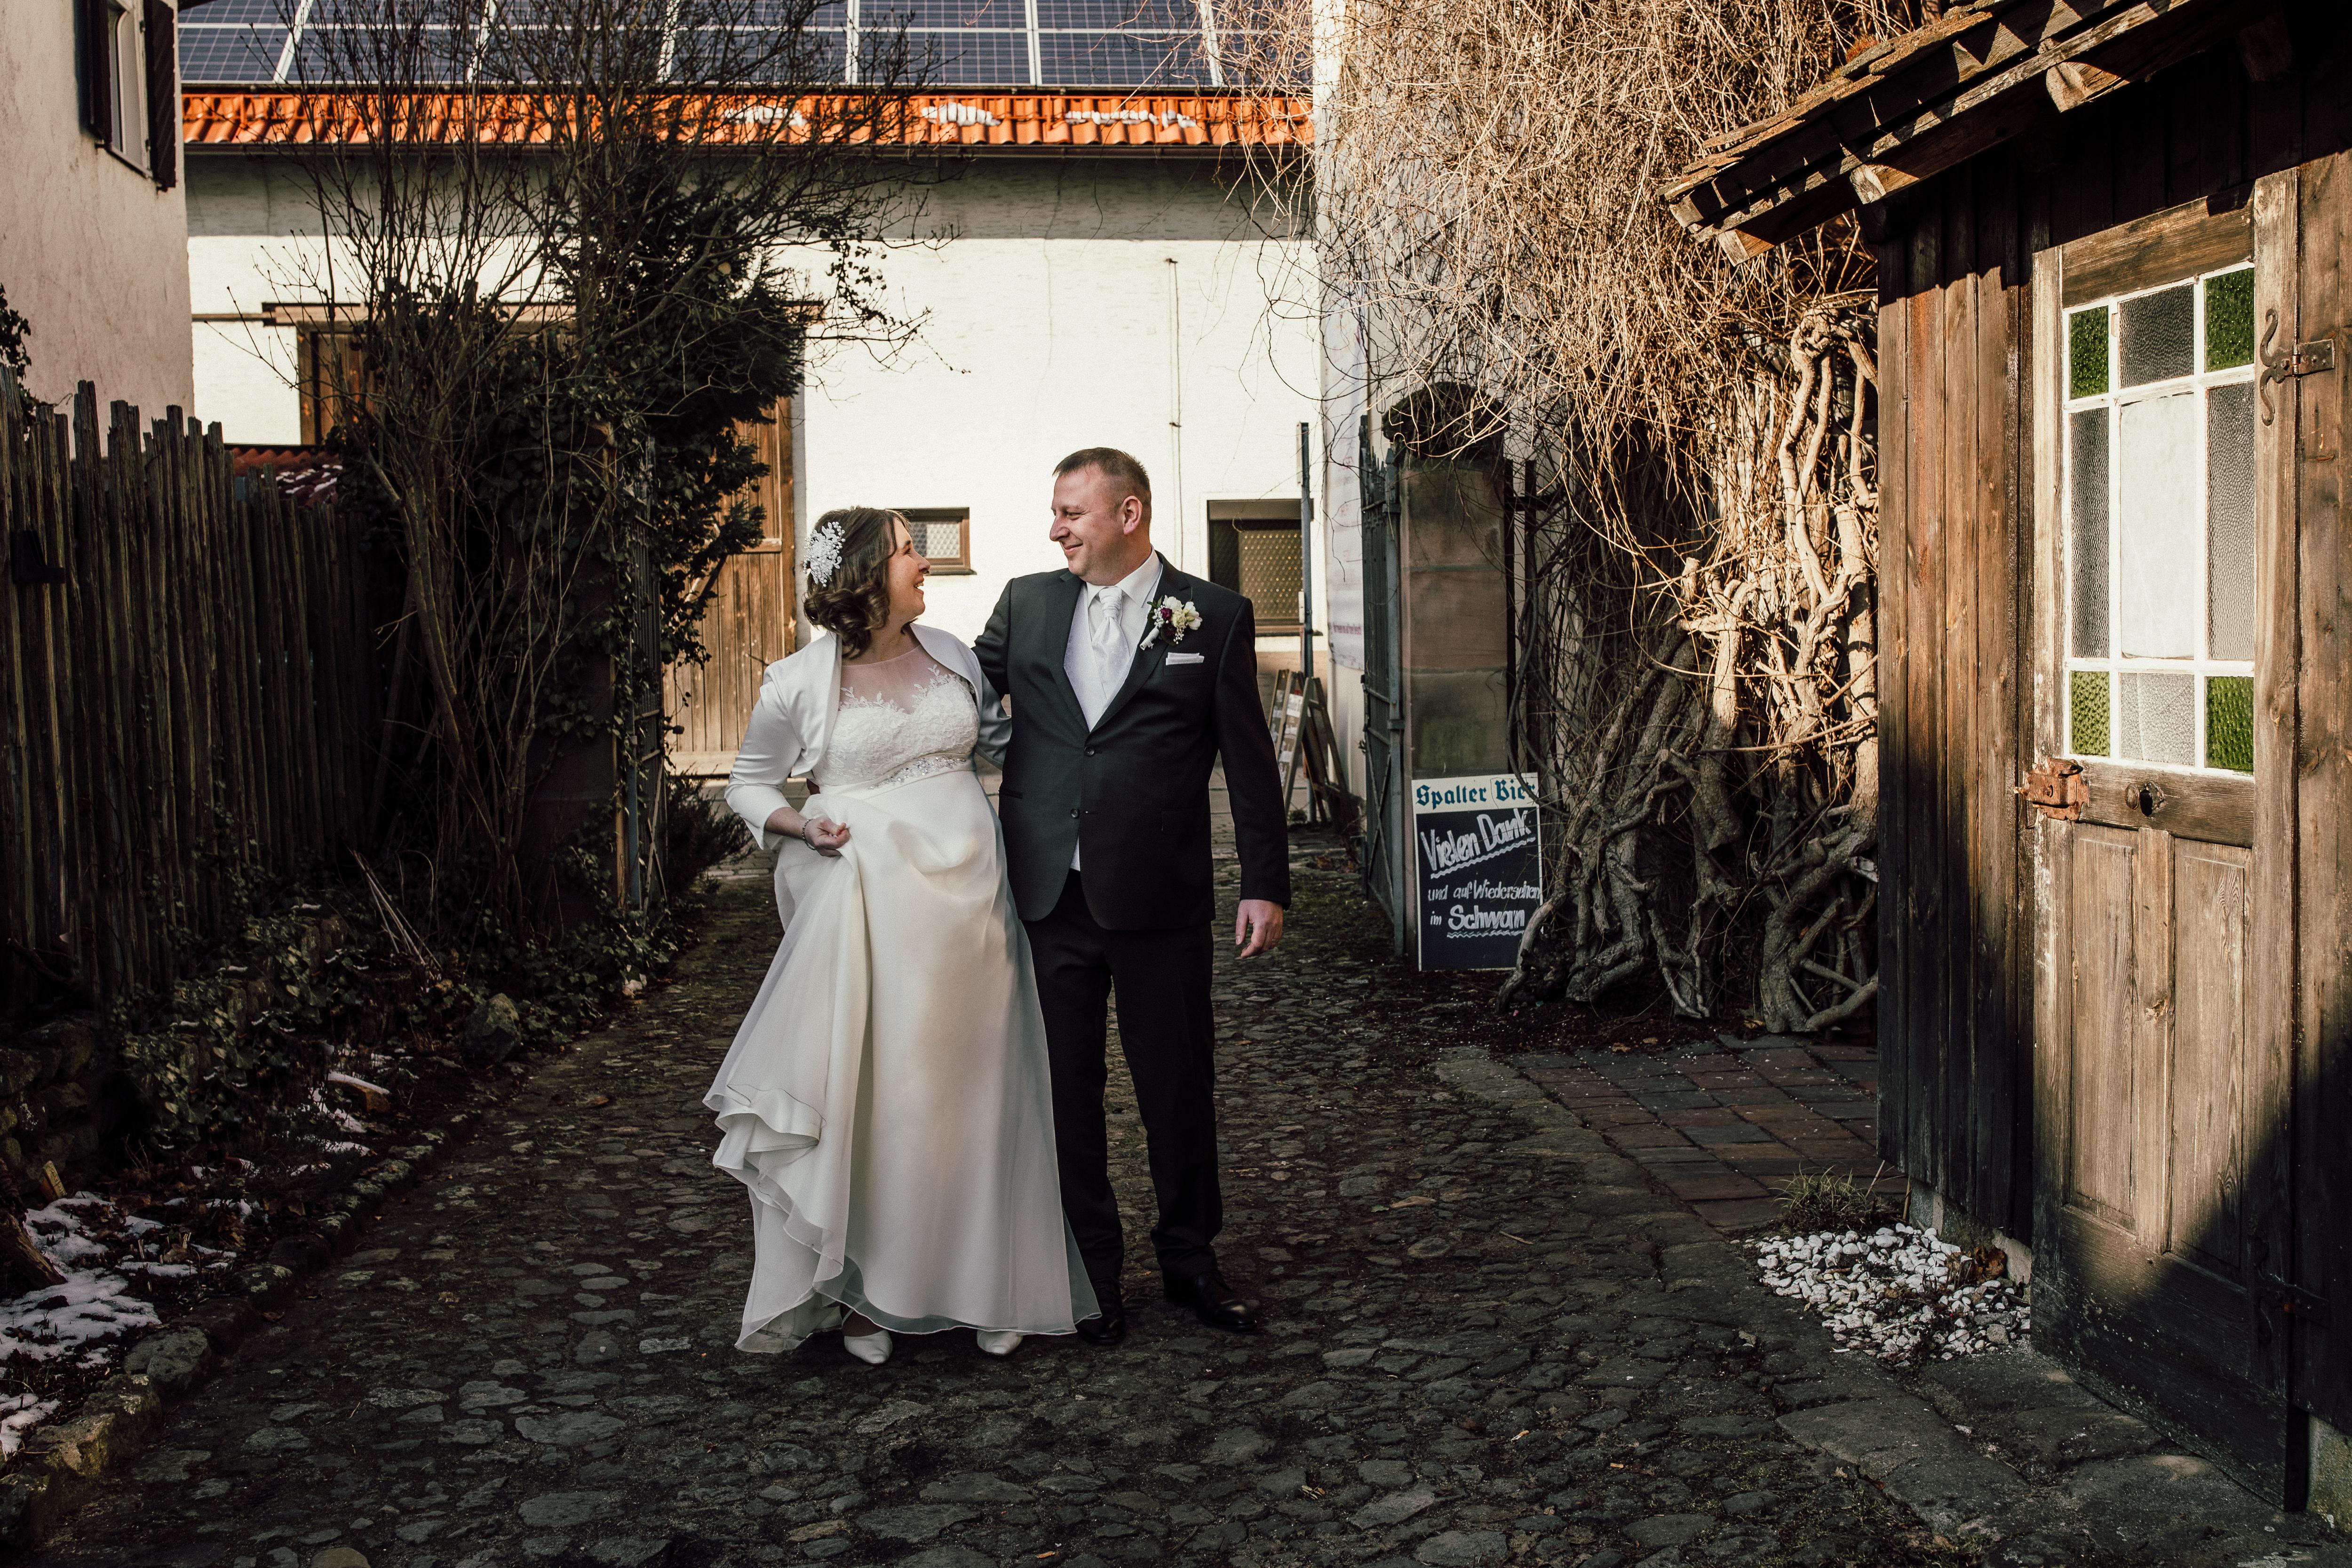 URBANERIE_Daniela_Goth_Hochzeitsfotografin_Nürnberg_Fürth_Erlangen_Schwabach_180223_0770